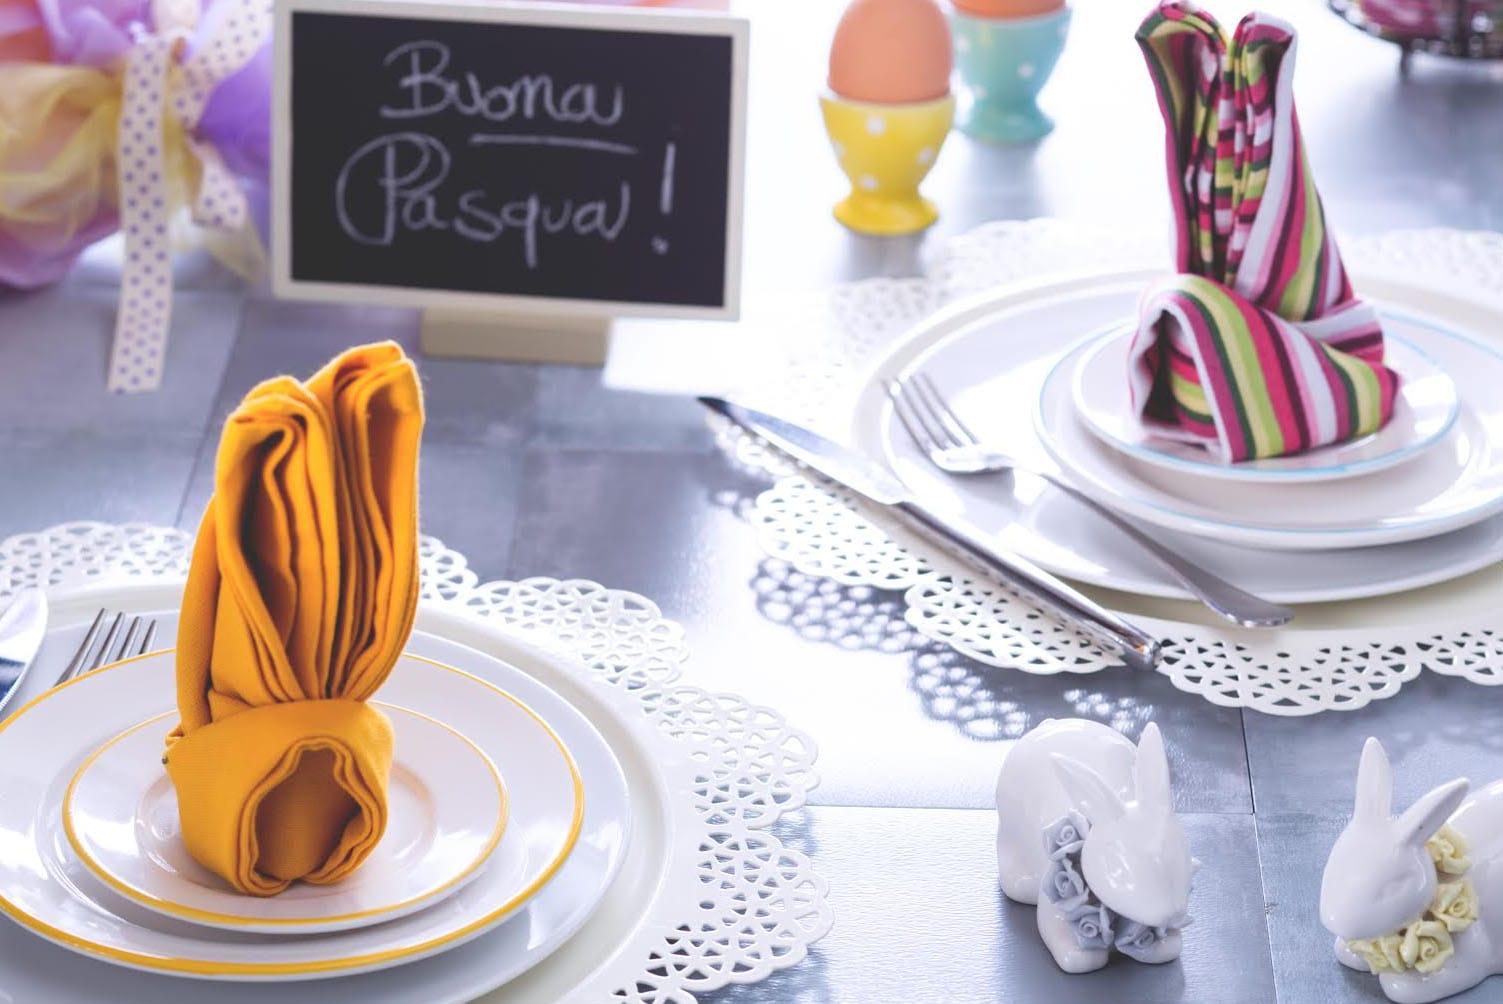 Le migliori ricette per festeggiare la Pasqua!